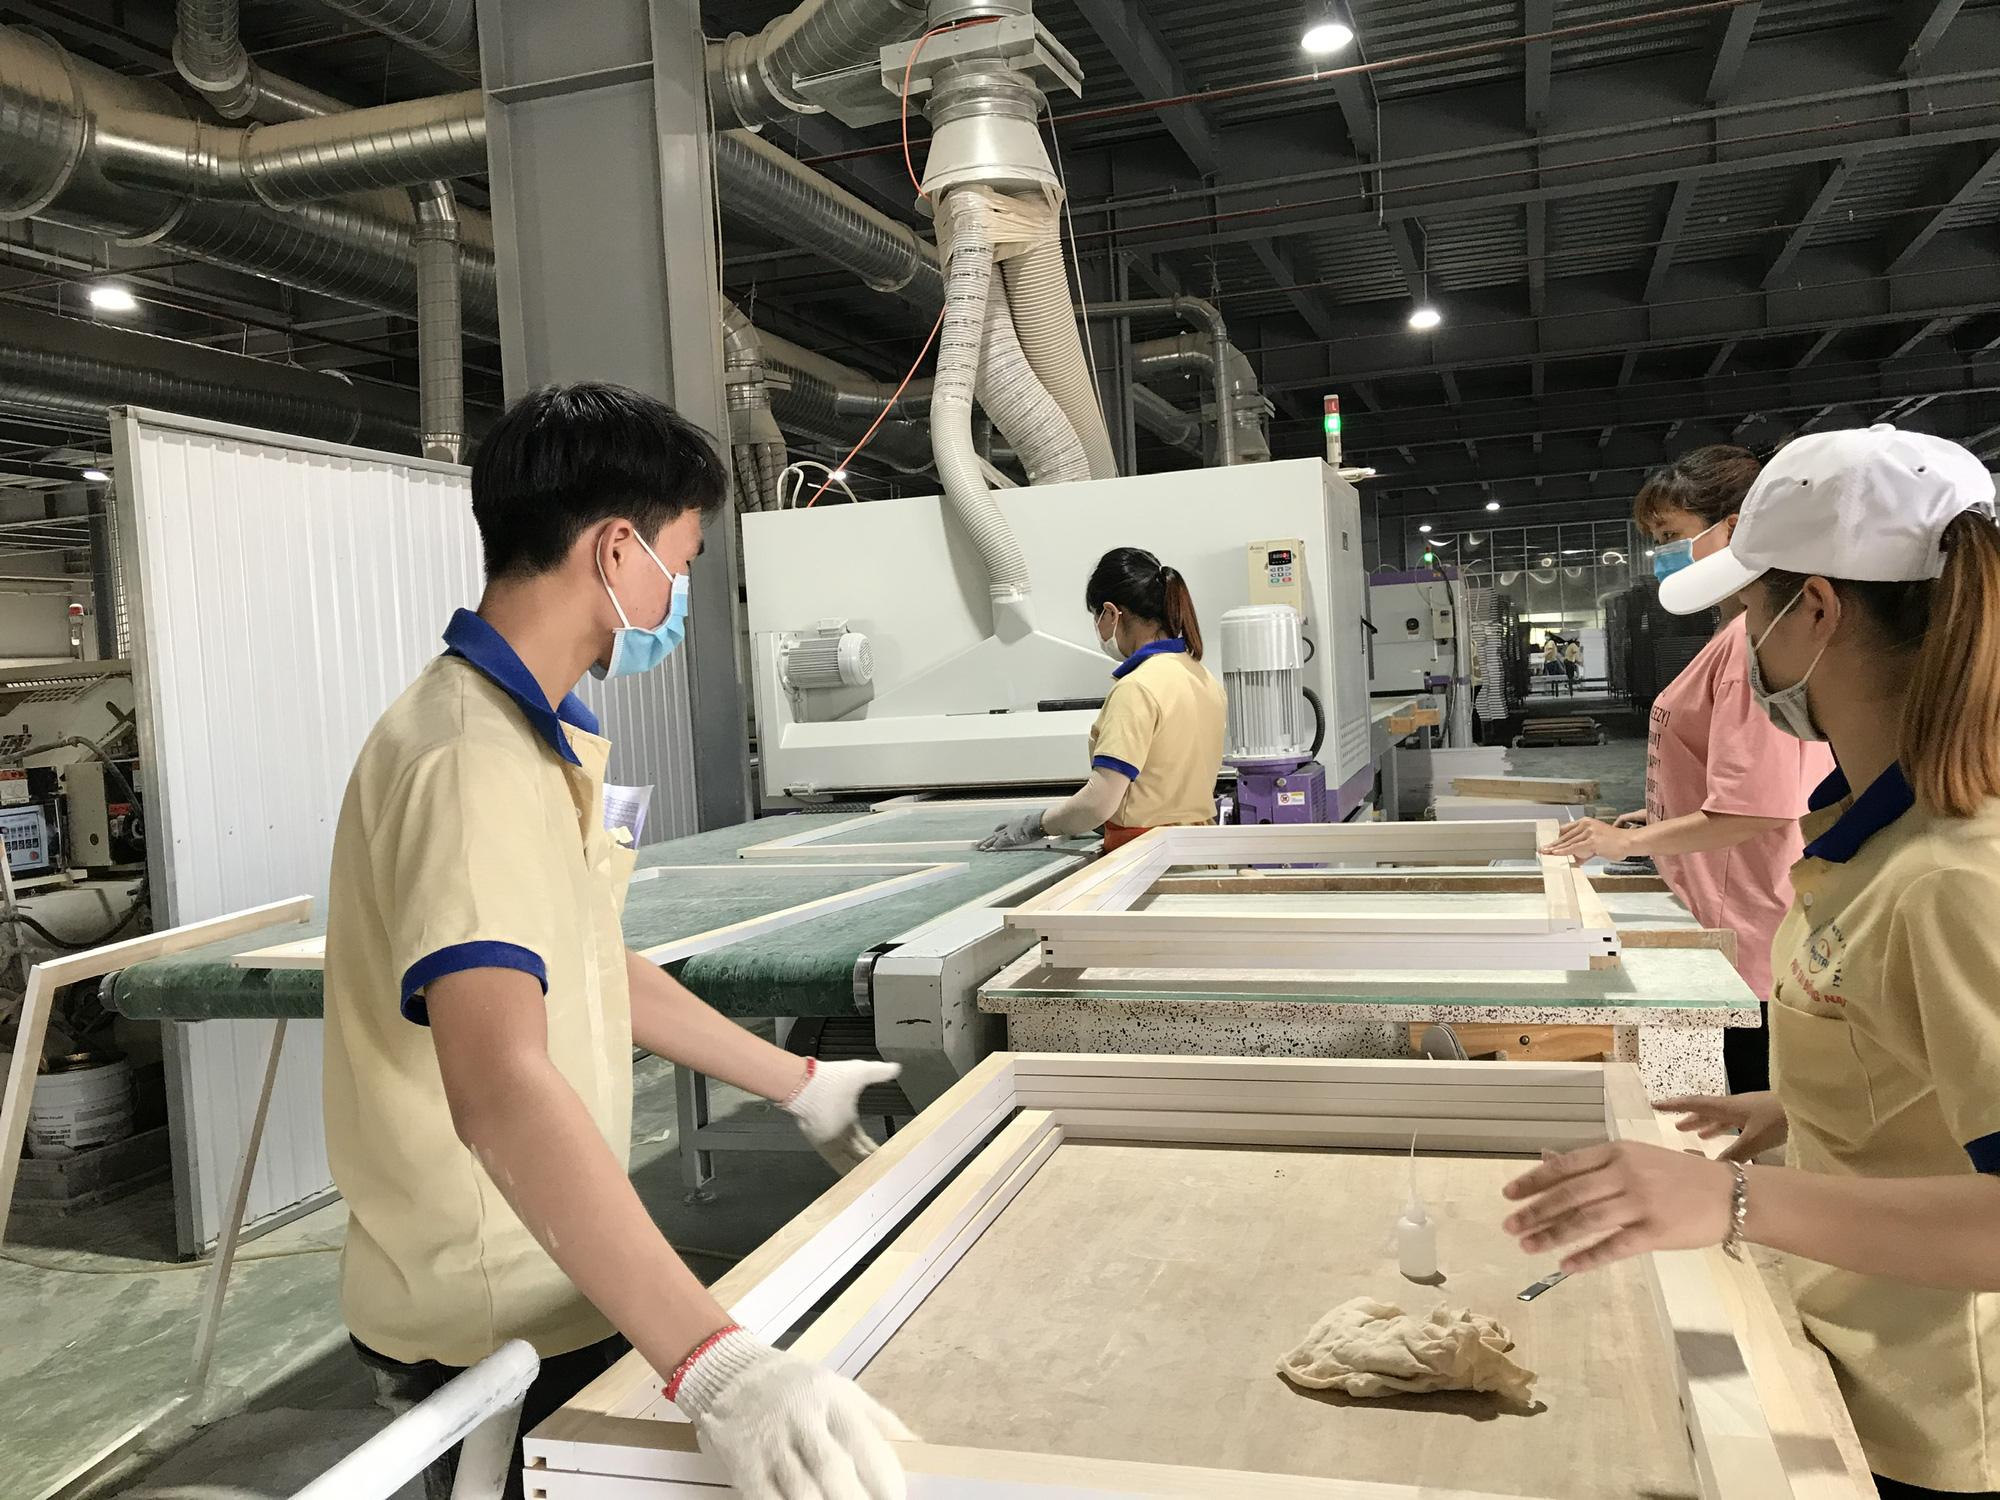 Xuất khẩu gỗ và sản phẩm gỗ sang thị trường Canada: Triển vọng tích cực minh thanh dn 1 1629080216029553038247